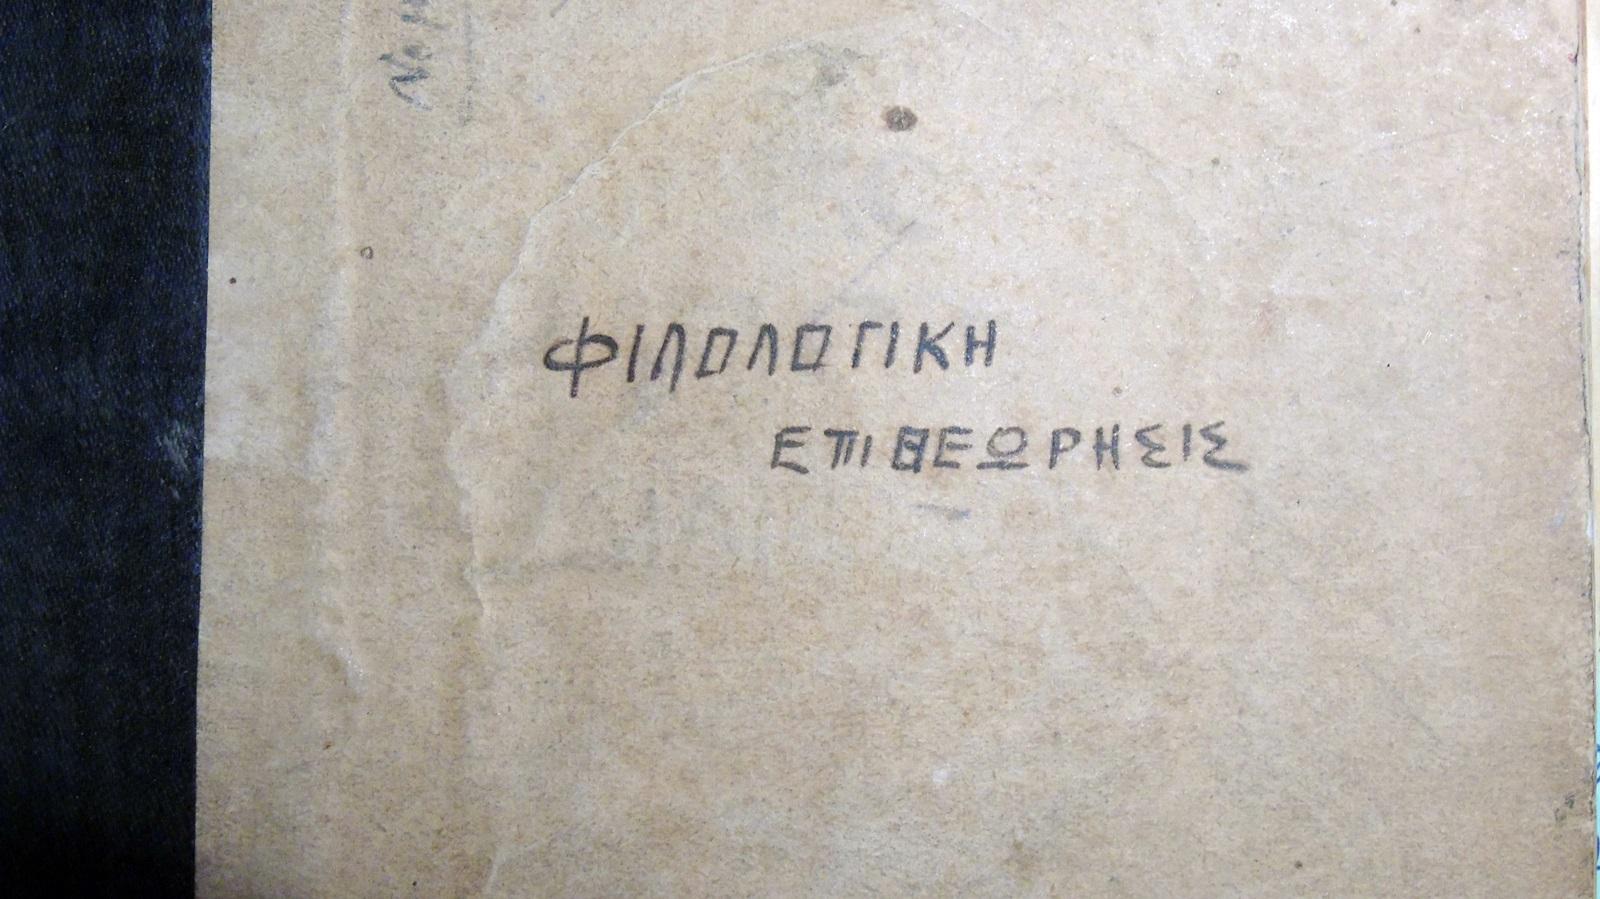 1_filologiki_epitheorisis